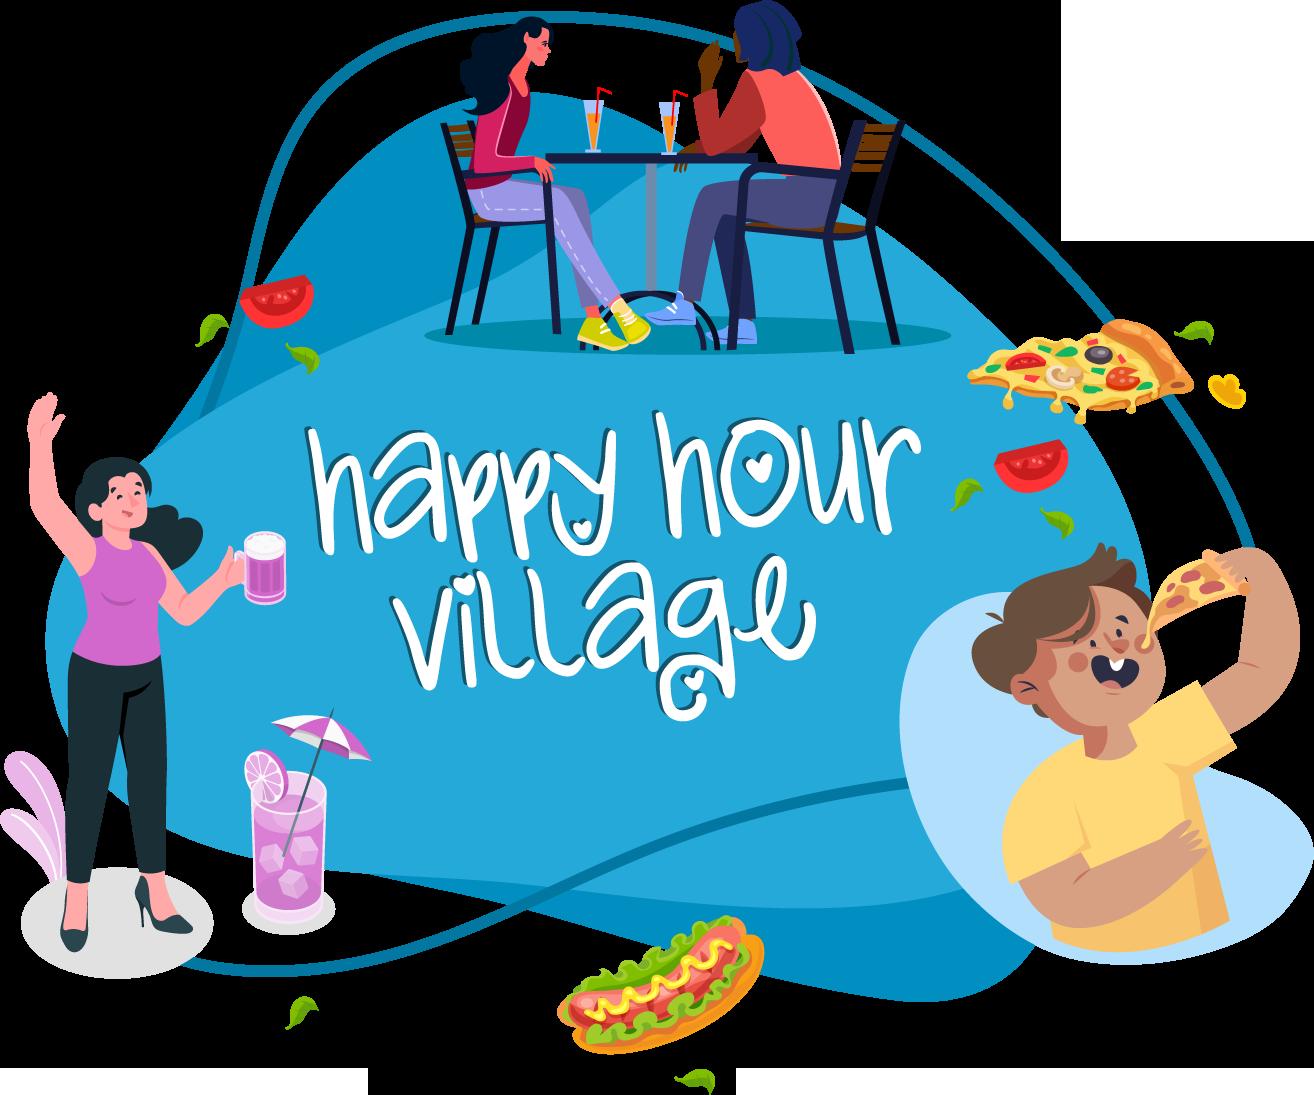 Happyhour village